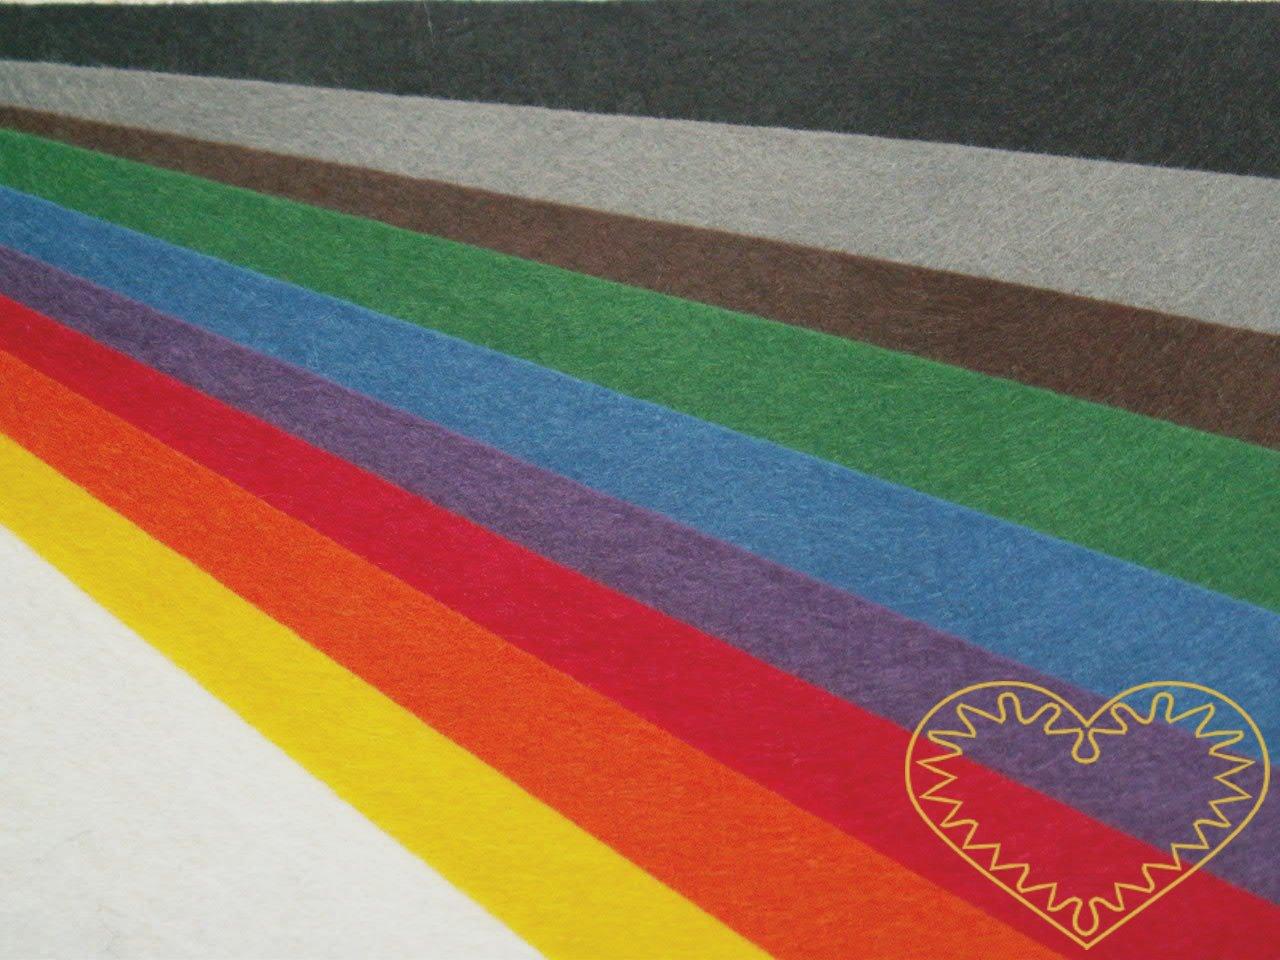 Plsť dekorační látková barevná - sada 10 barev. Vhodné k výrobě aplikací, přáníček, výseků a výřezů, k vytváření figurek, maňásků či různých dekorací.